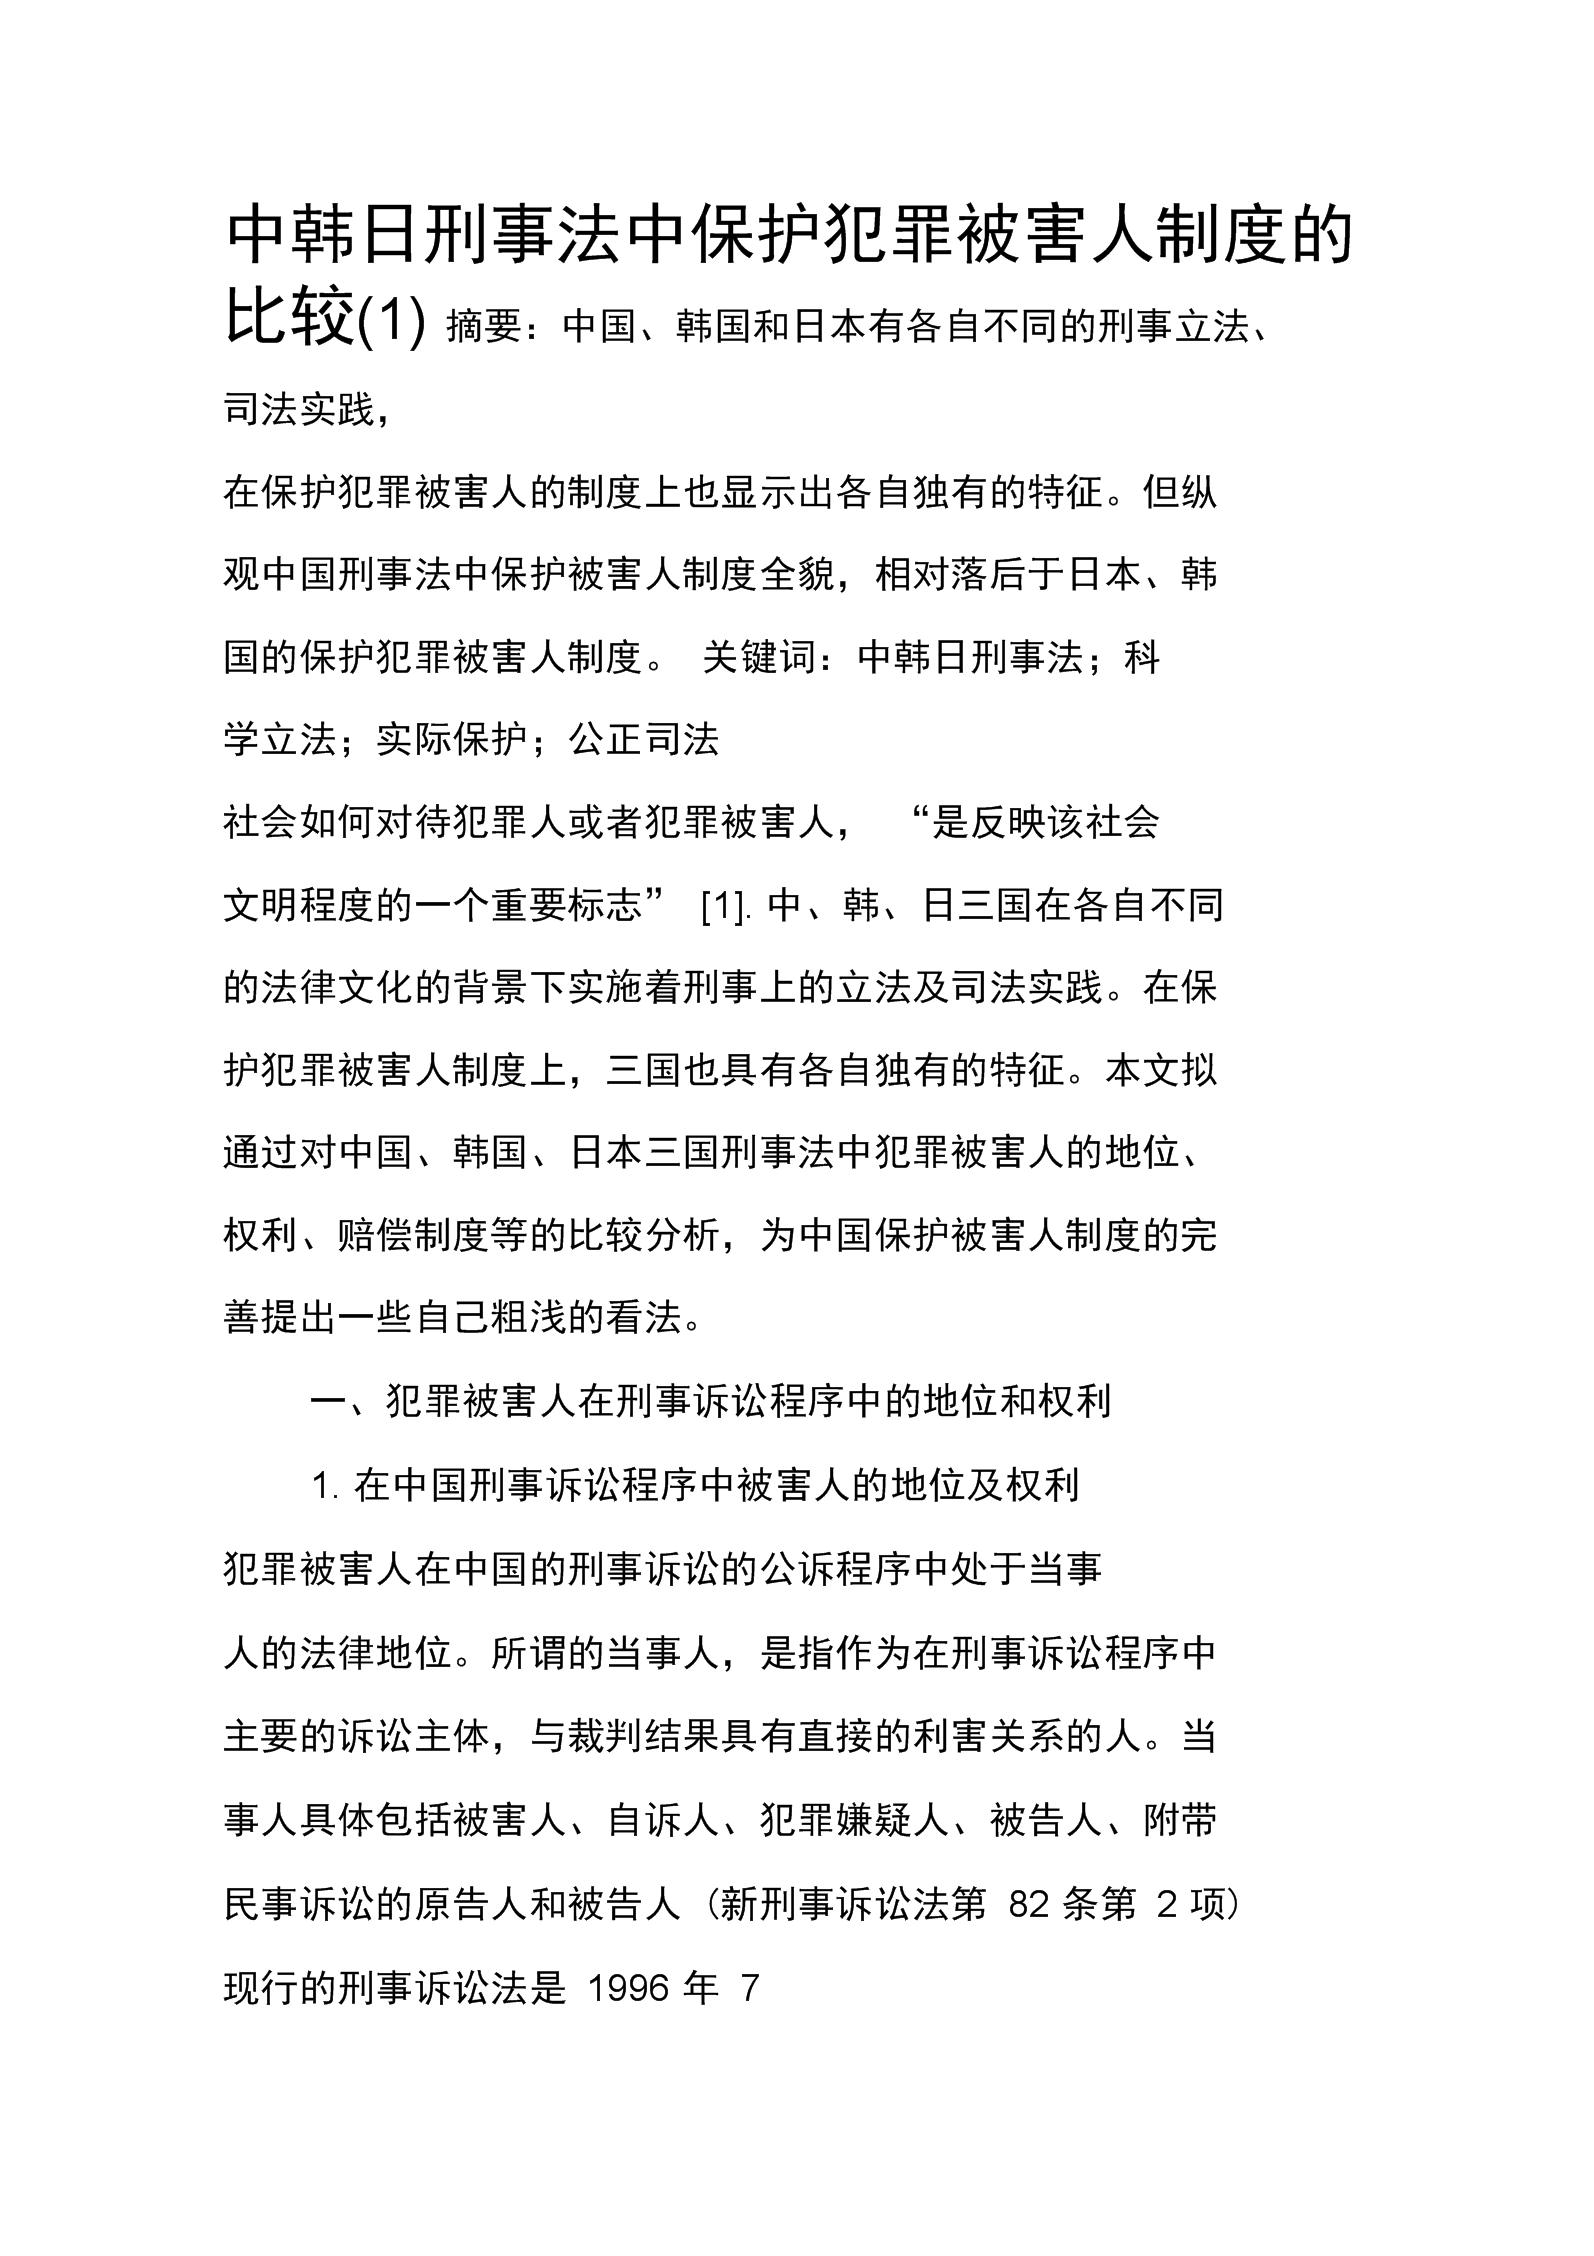 中韩日刑事法中保护犯罪被害人制度的比较(1).docx